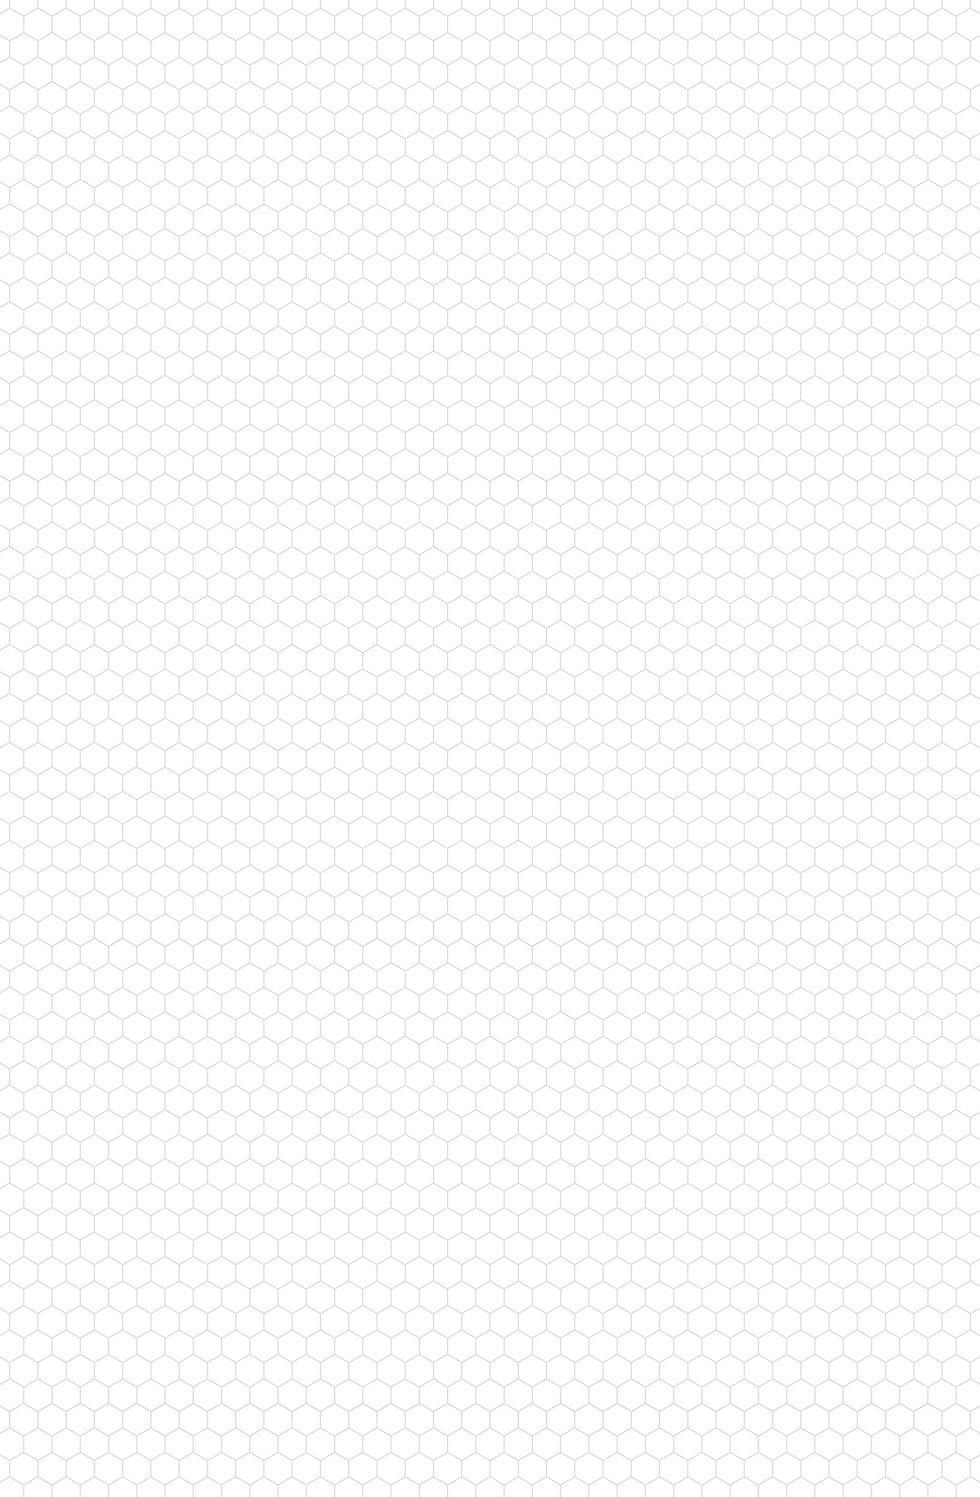 FOTB-210603-IdentityIntegration-Website-hexagon.jpg